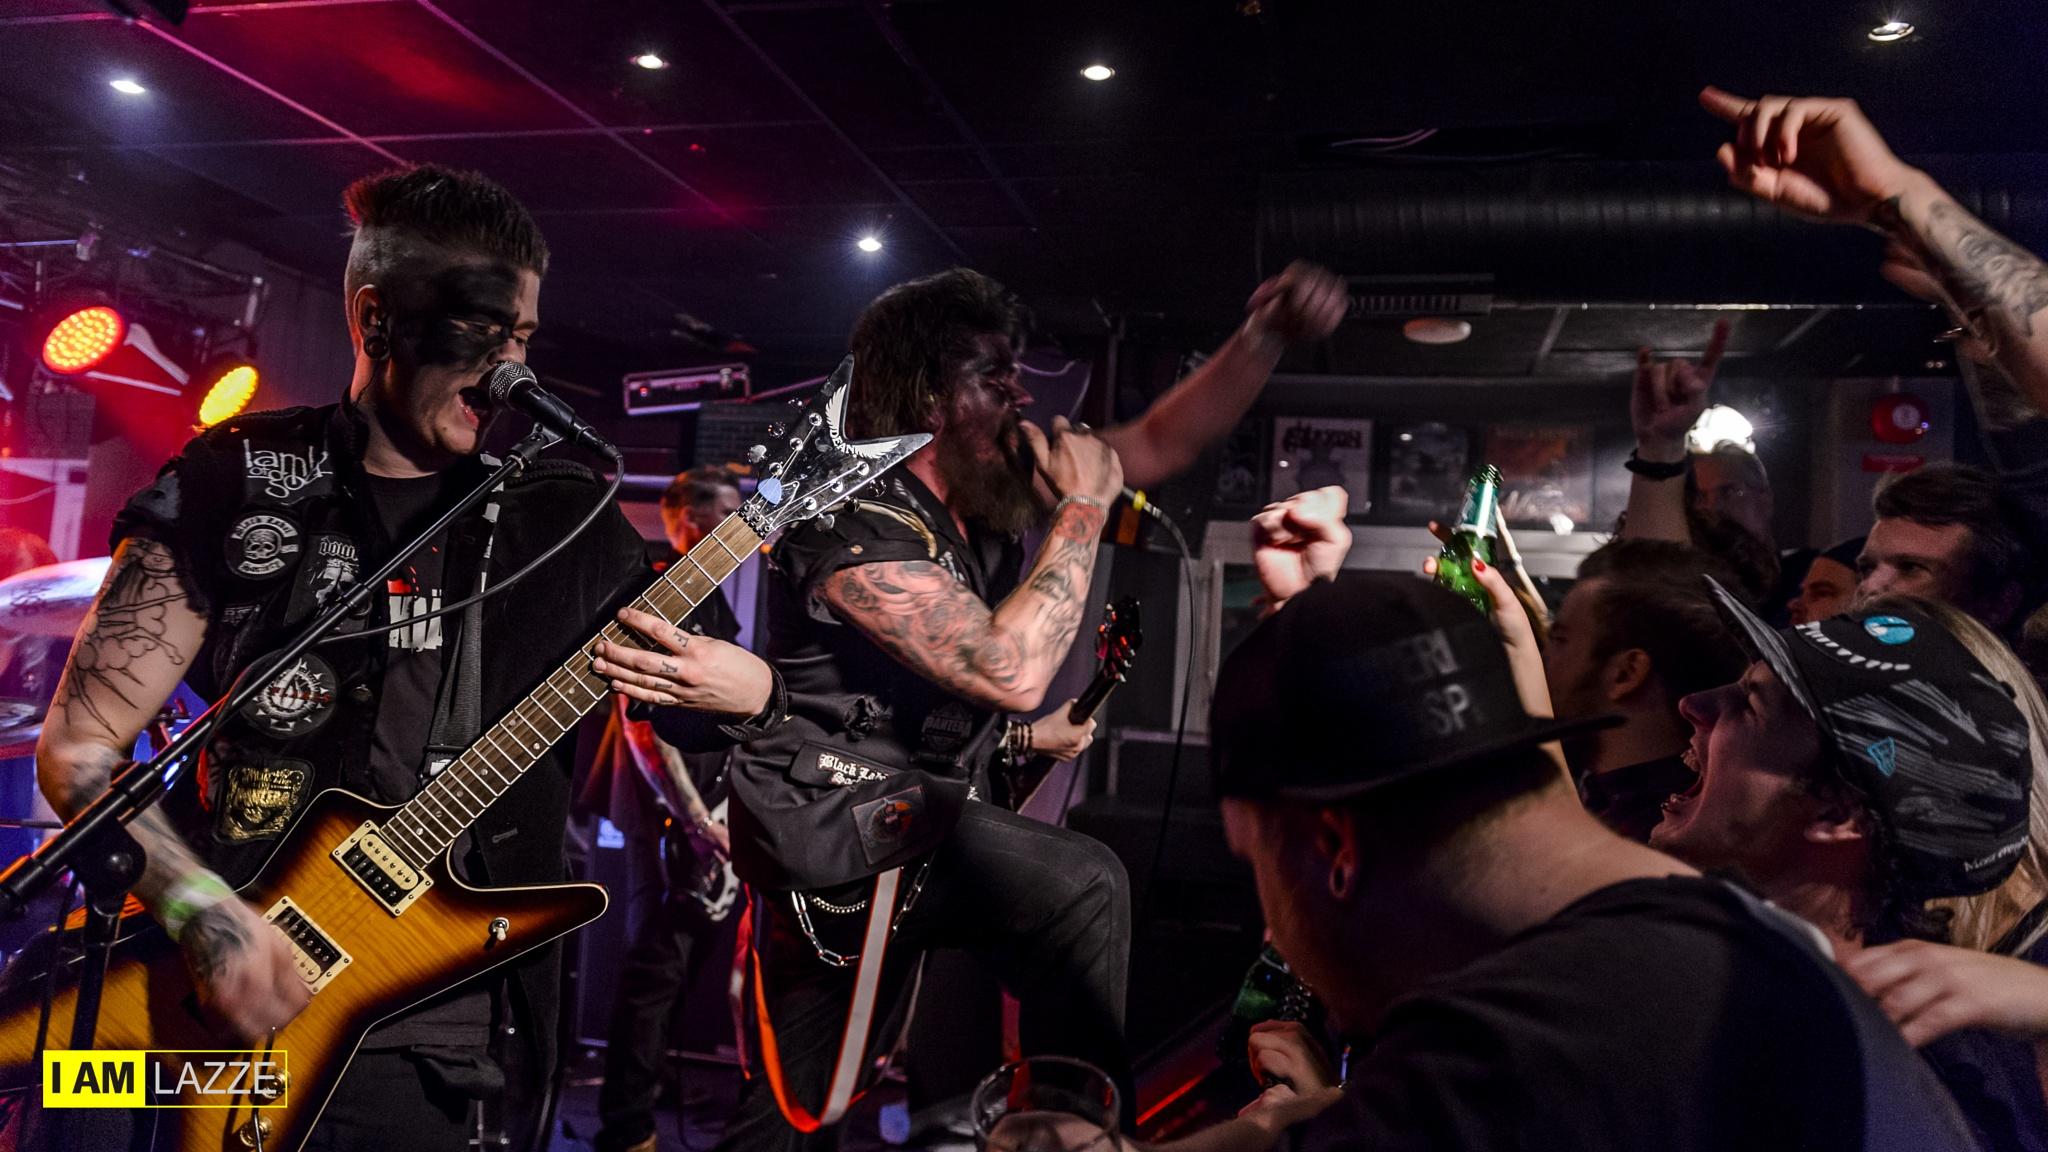 Rock club by IAMLAZZE